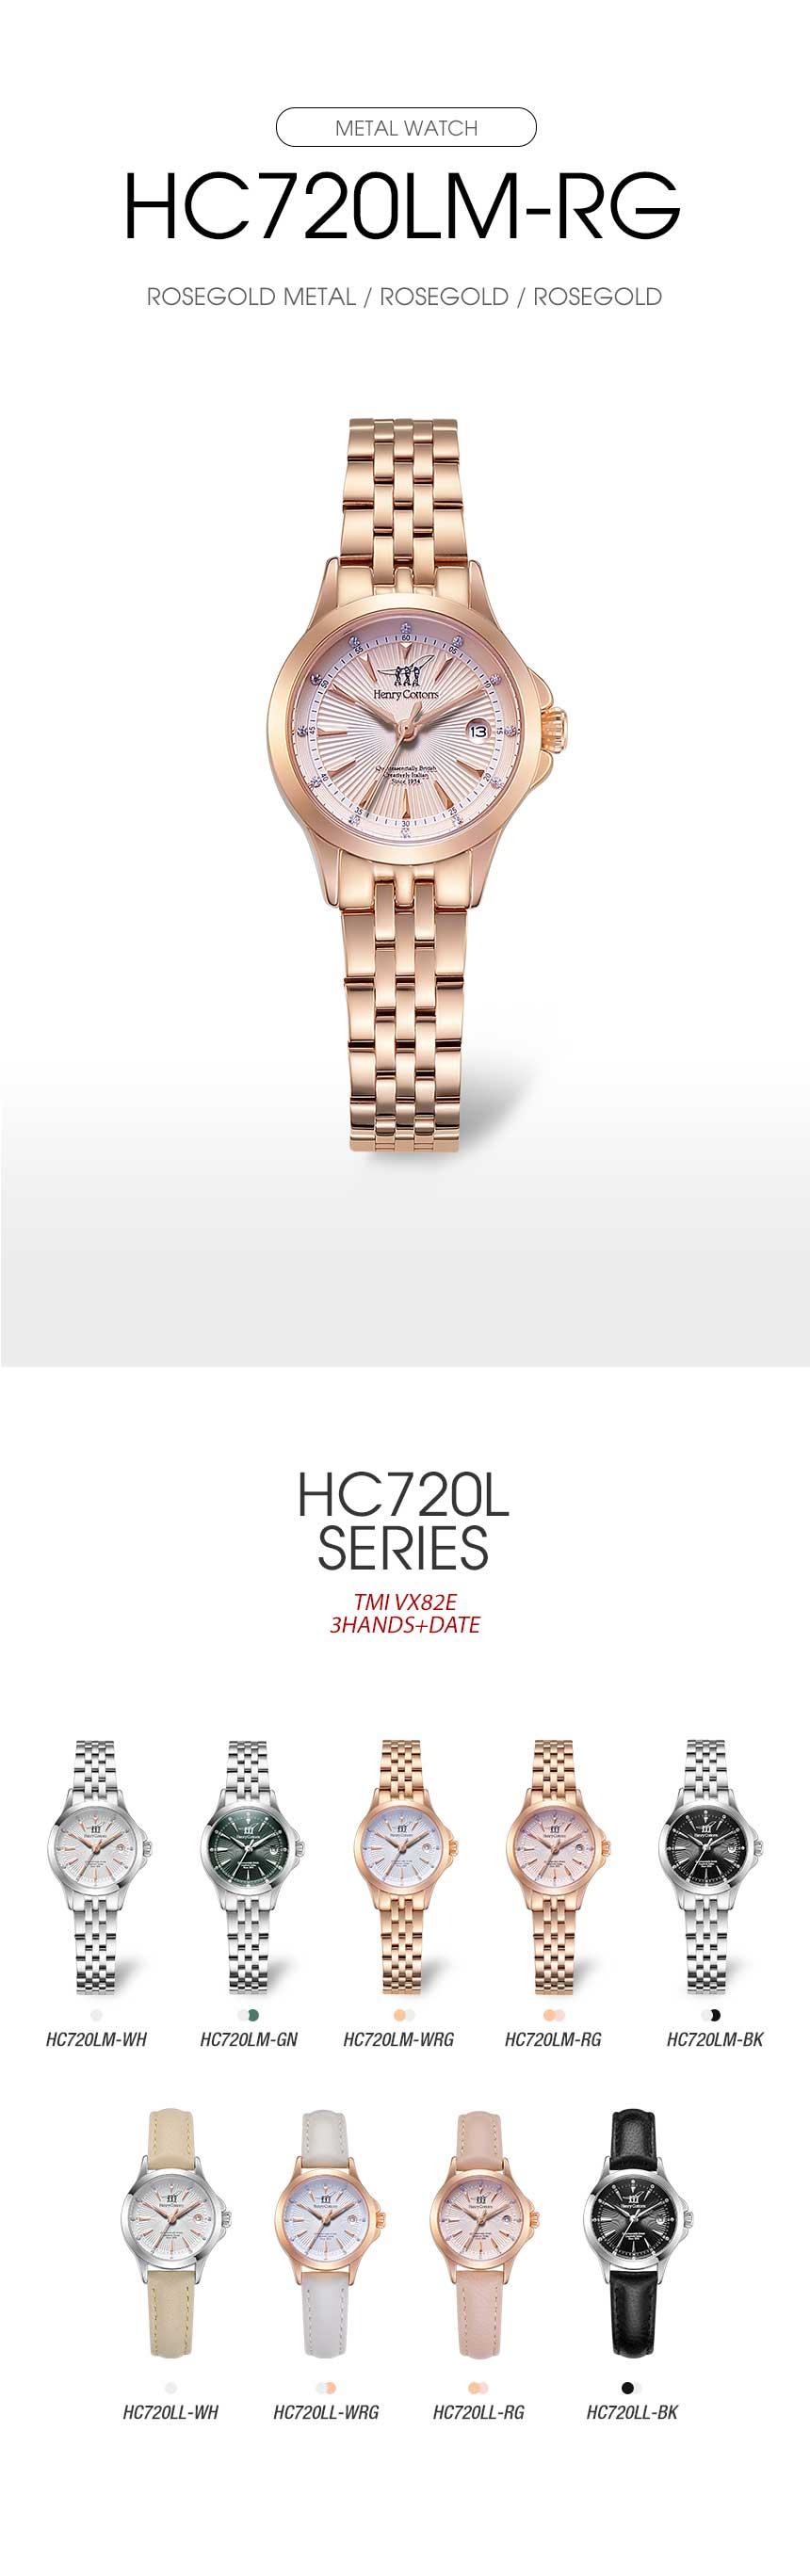 헨리코튼(HENRY COTTON'S) 여자 데이트 메탈시계 HC720LM-RG